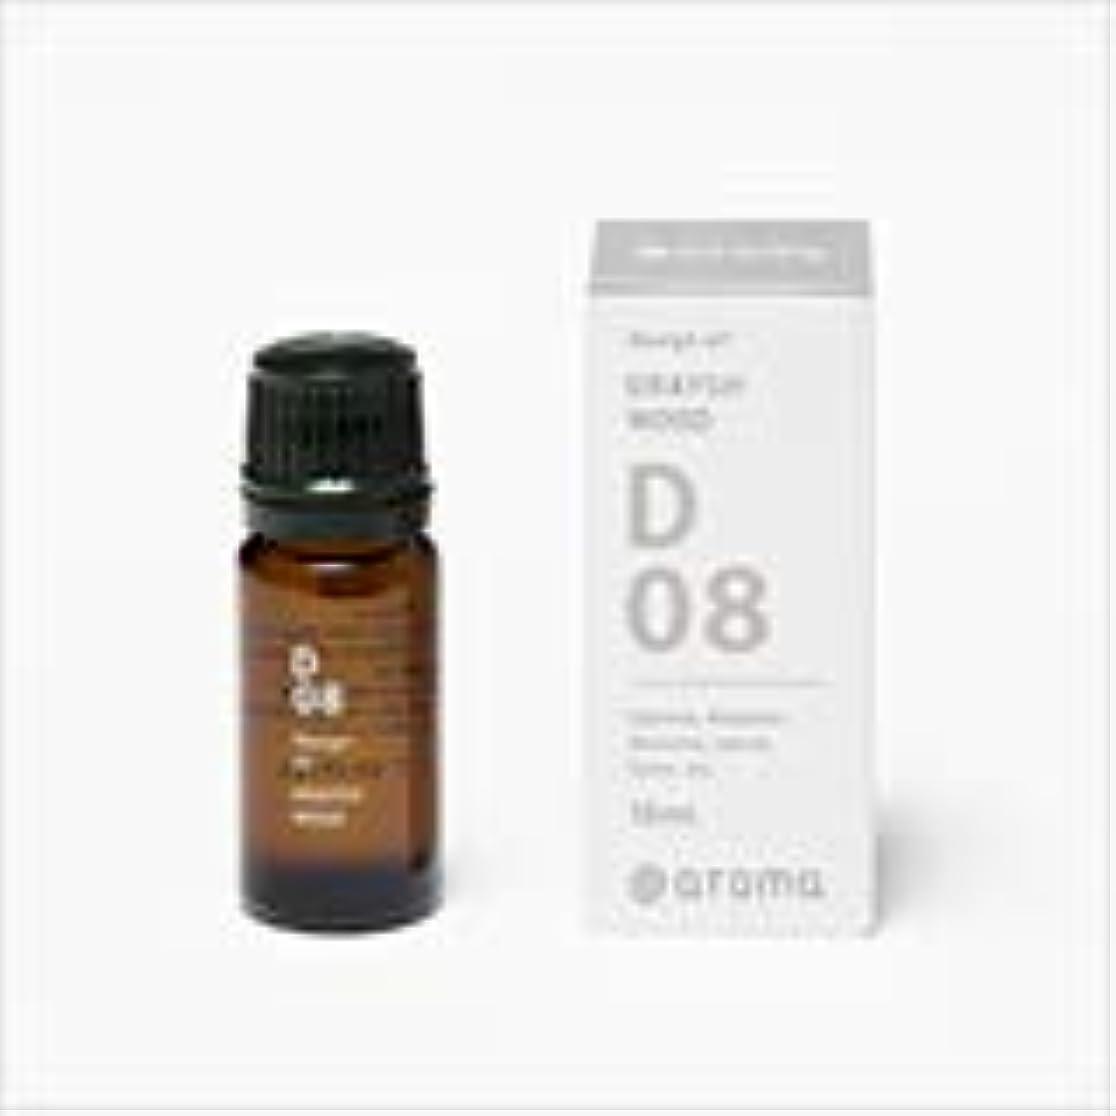 マニア到着する肺炎アットアロマ 100%pure essential oil <Design air サニーデイ>